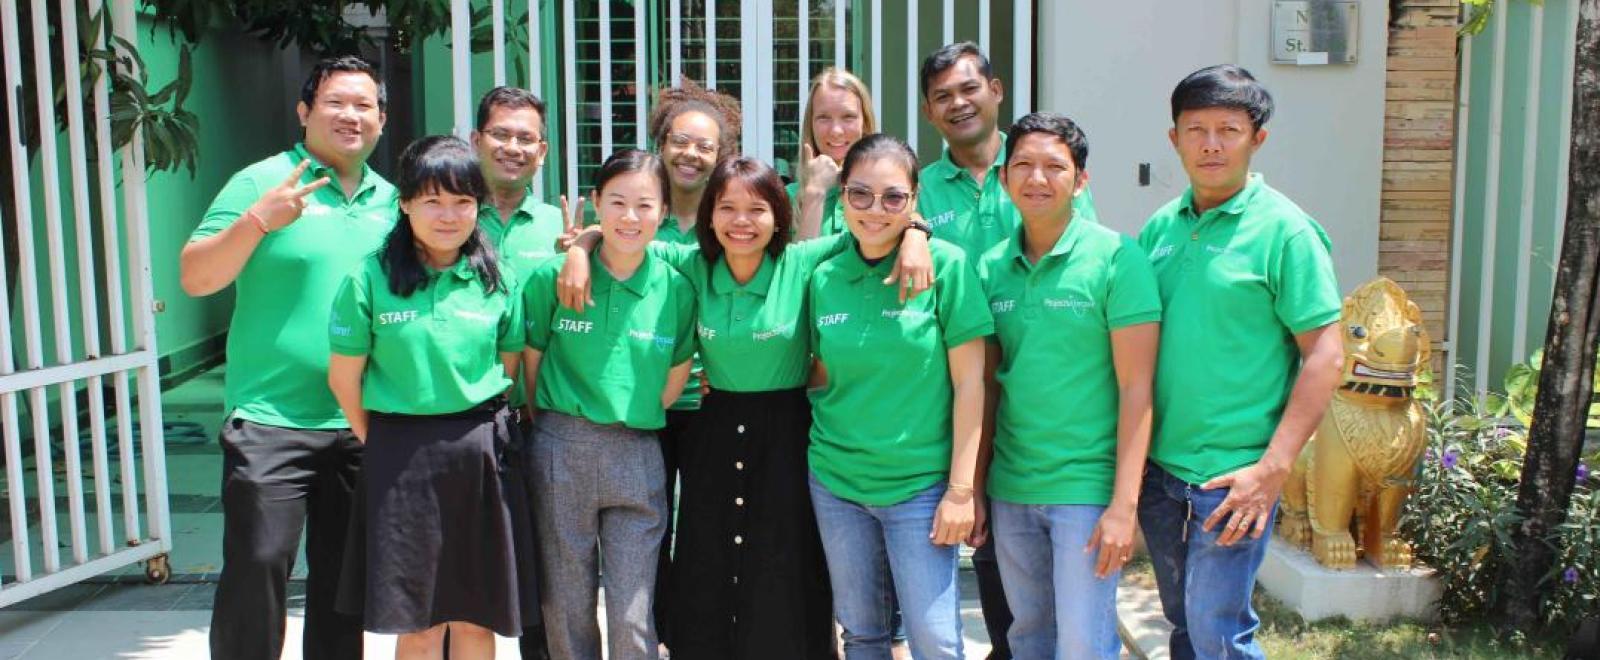 Equipe expérimentée formée par Projects Abroad qui assure la sécurité des volontaires pendant leur projet à l'étranger